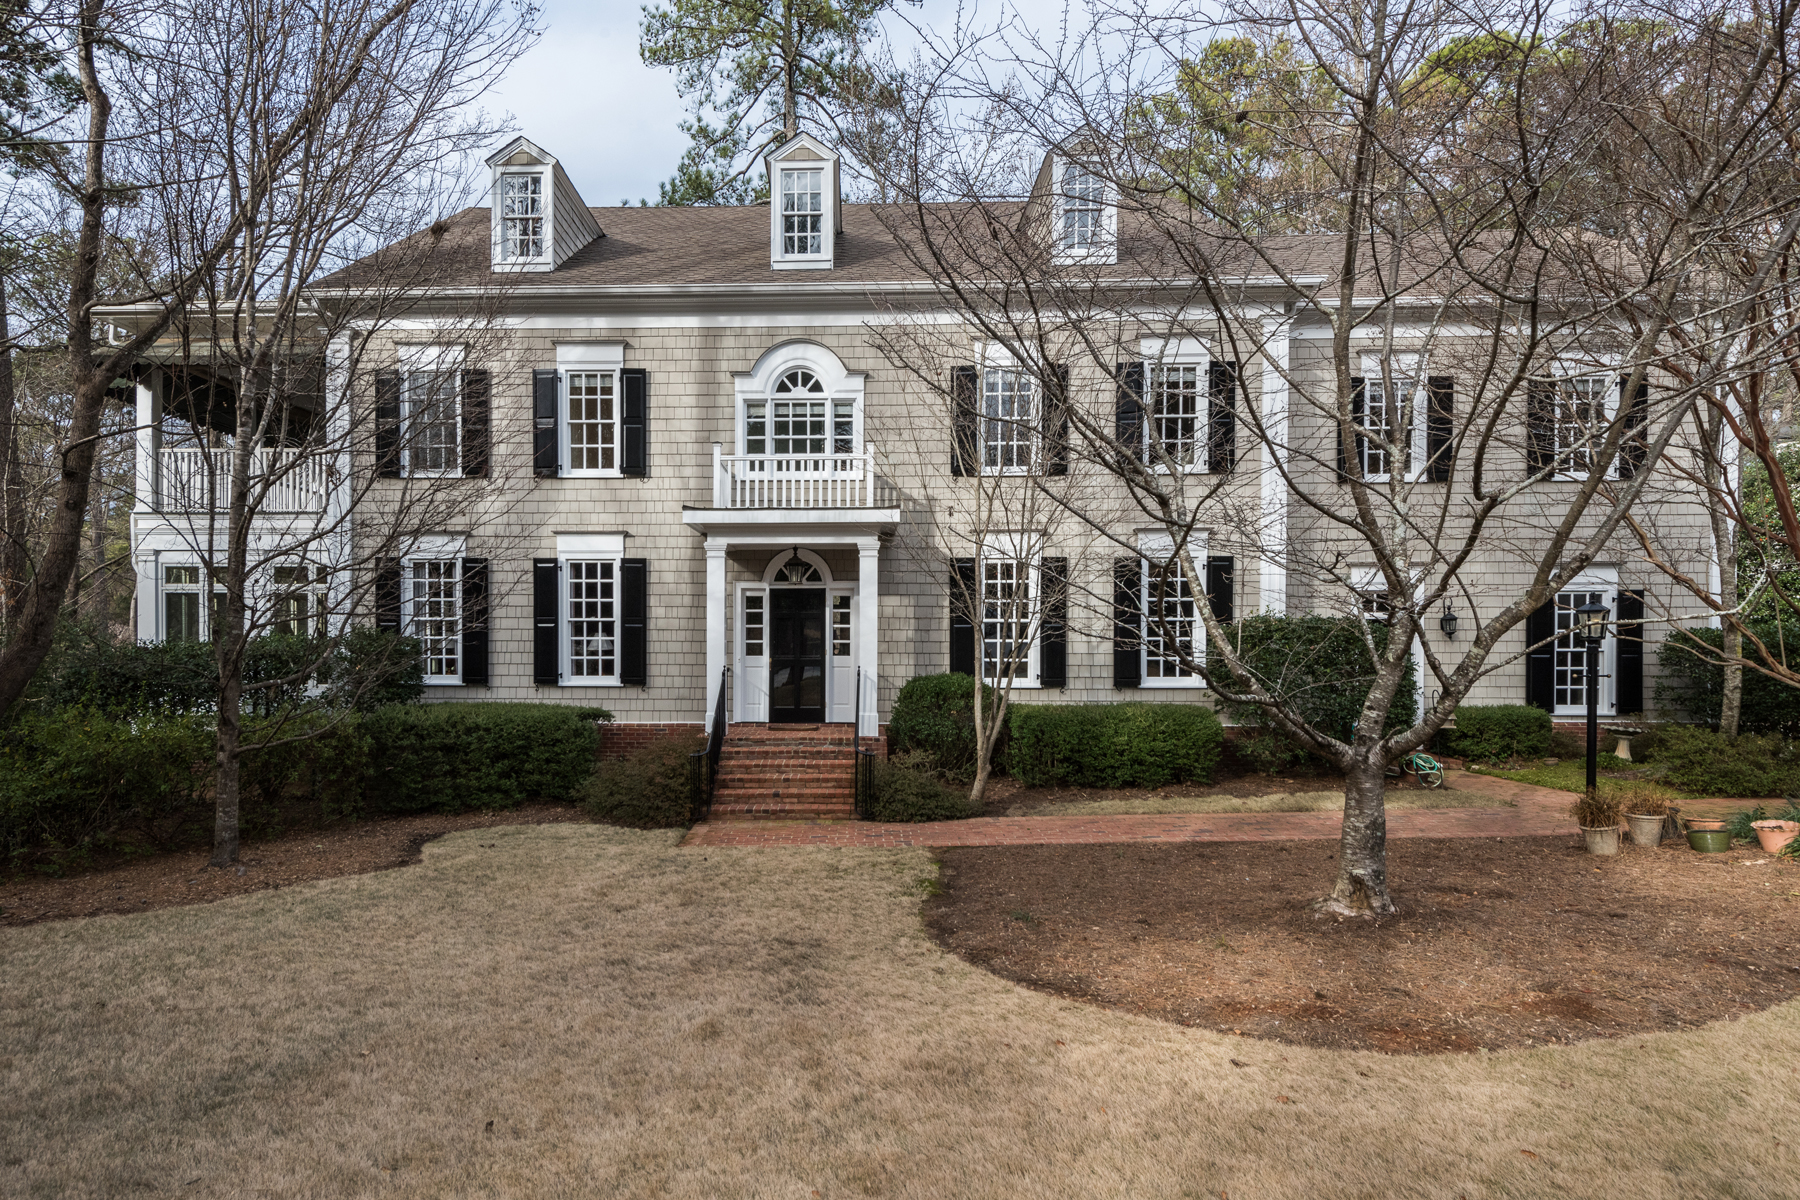 Частный односемейный дом для того Продажа на Elegant Traditional In Buckhead 919 Weyman Court NW Buckhead, Atlanta, Джорджия, 30327 Соединенные Штаты